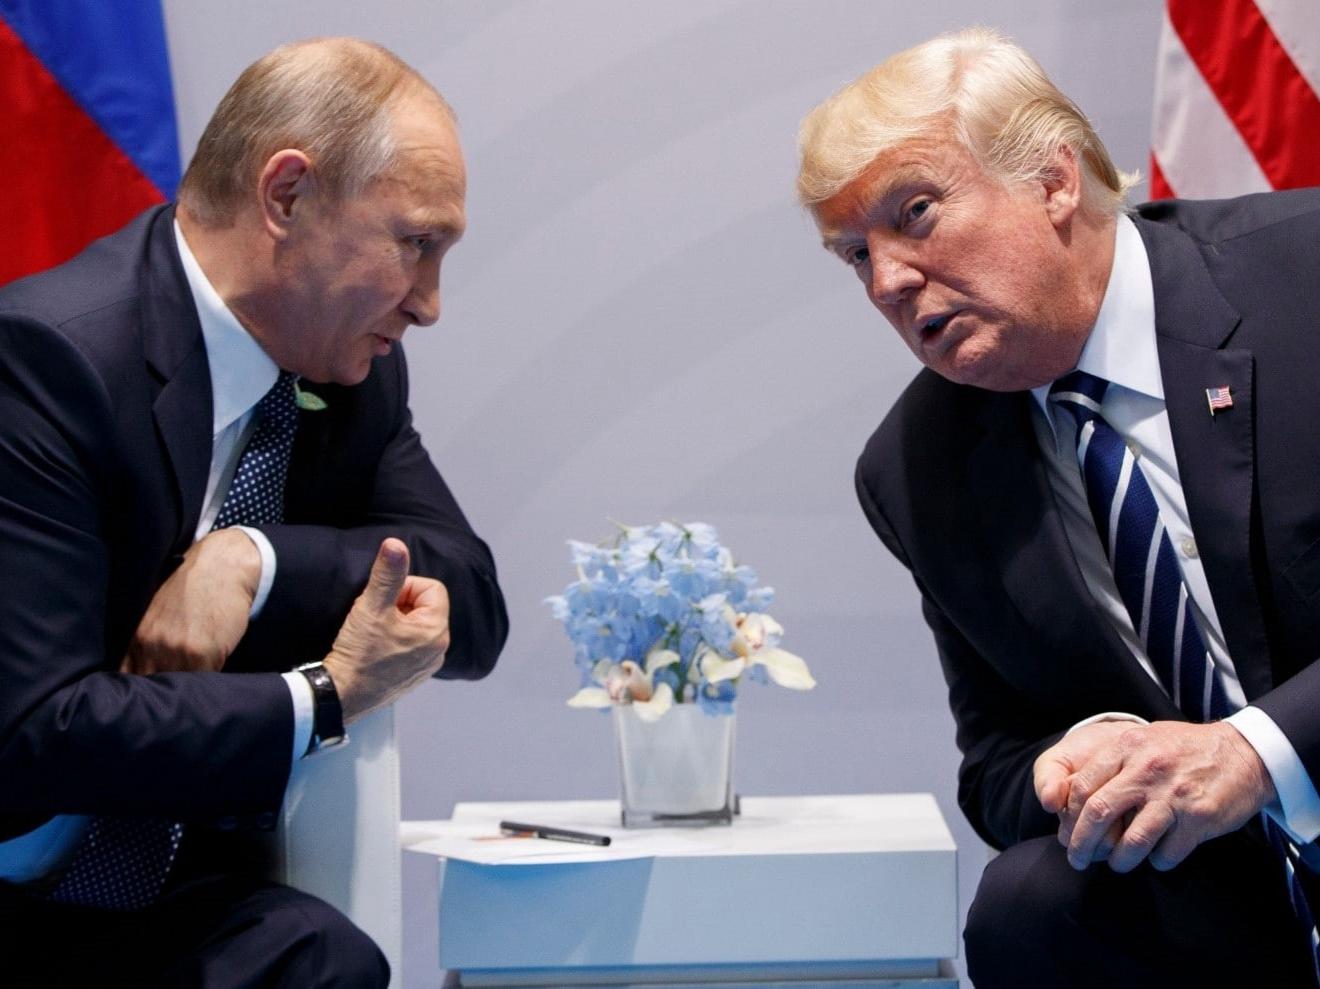 俄有没有干扰美大选?双方激辩了一年多还是没结果